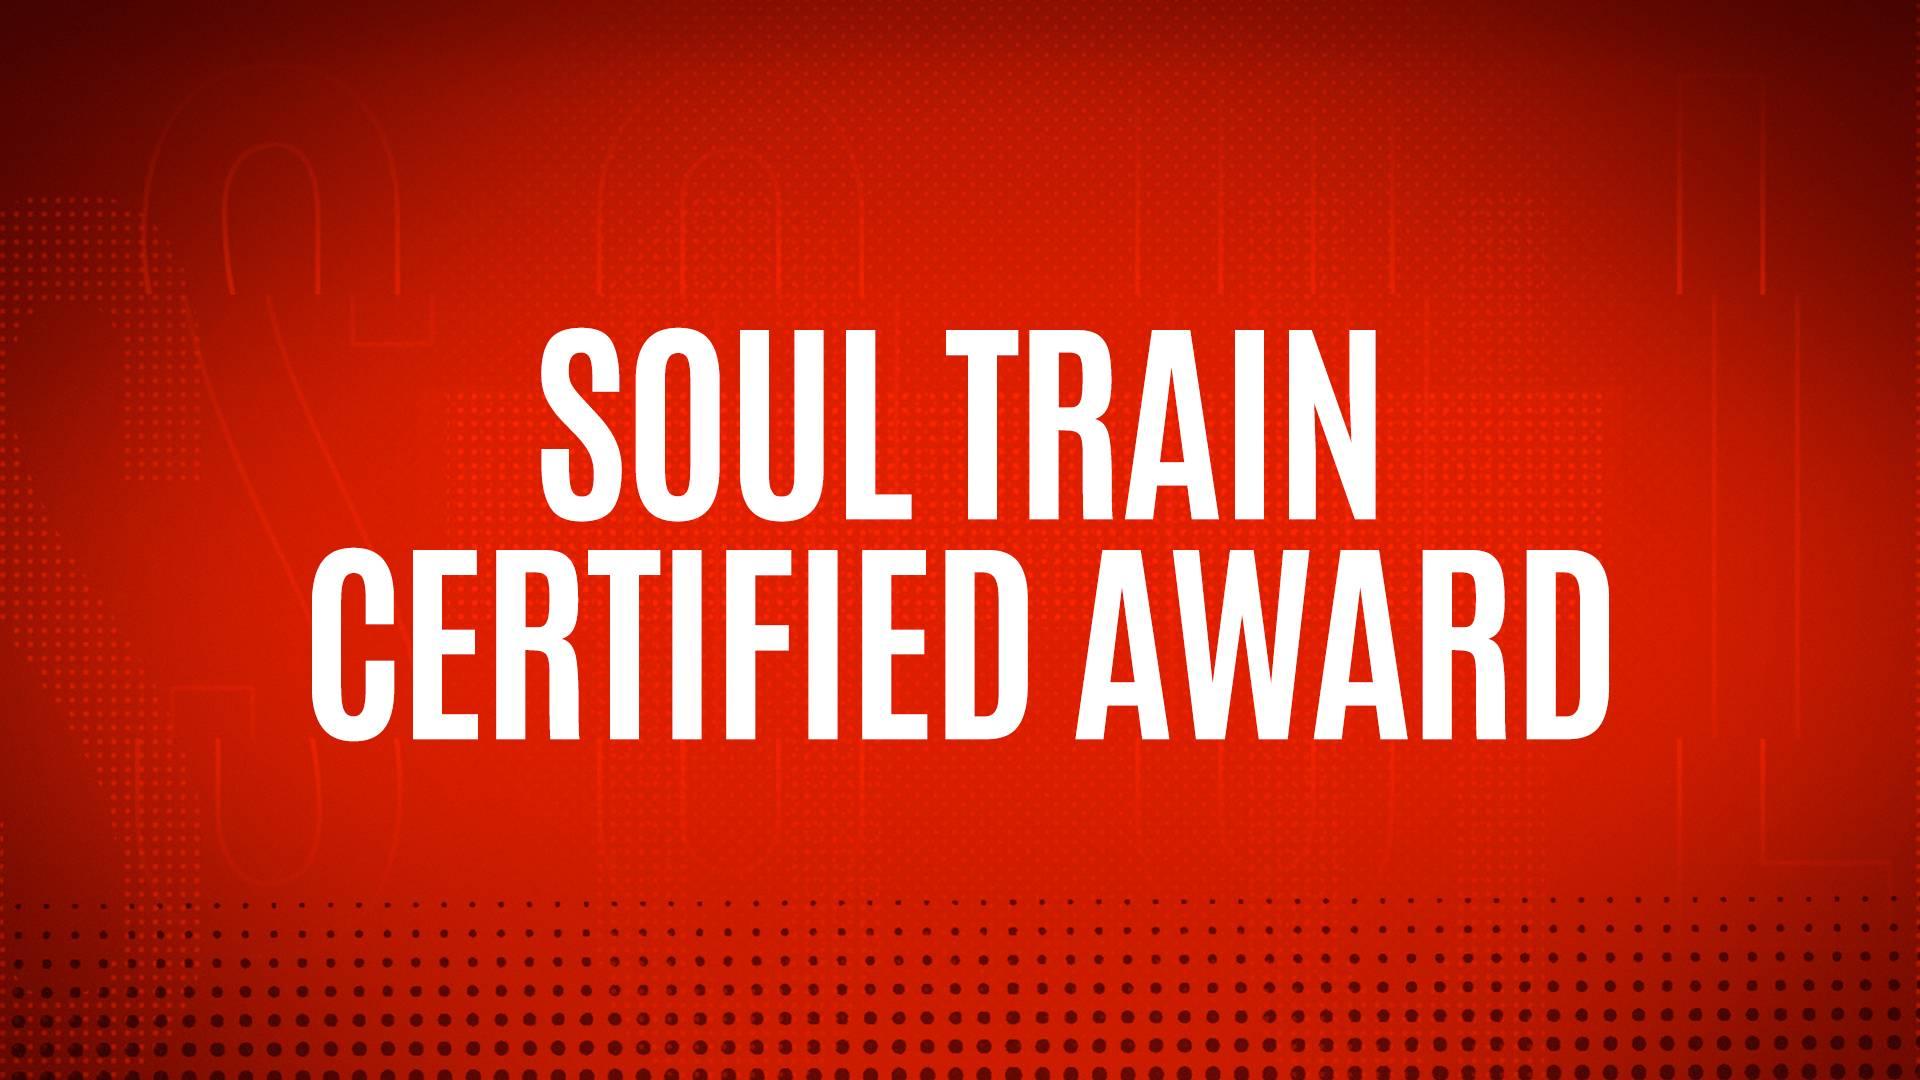 NOMINEES - SOUL TRAIN CERTIFIED AWARD